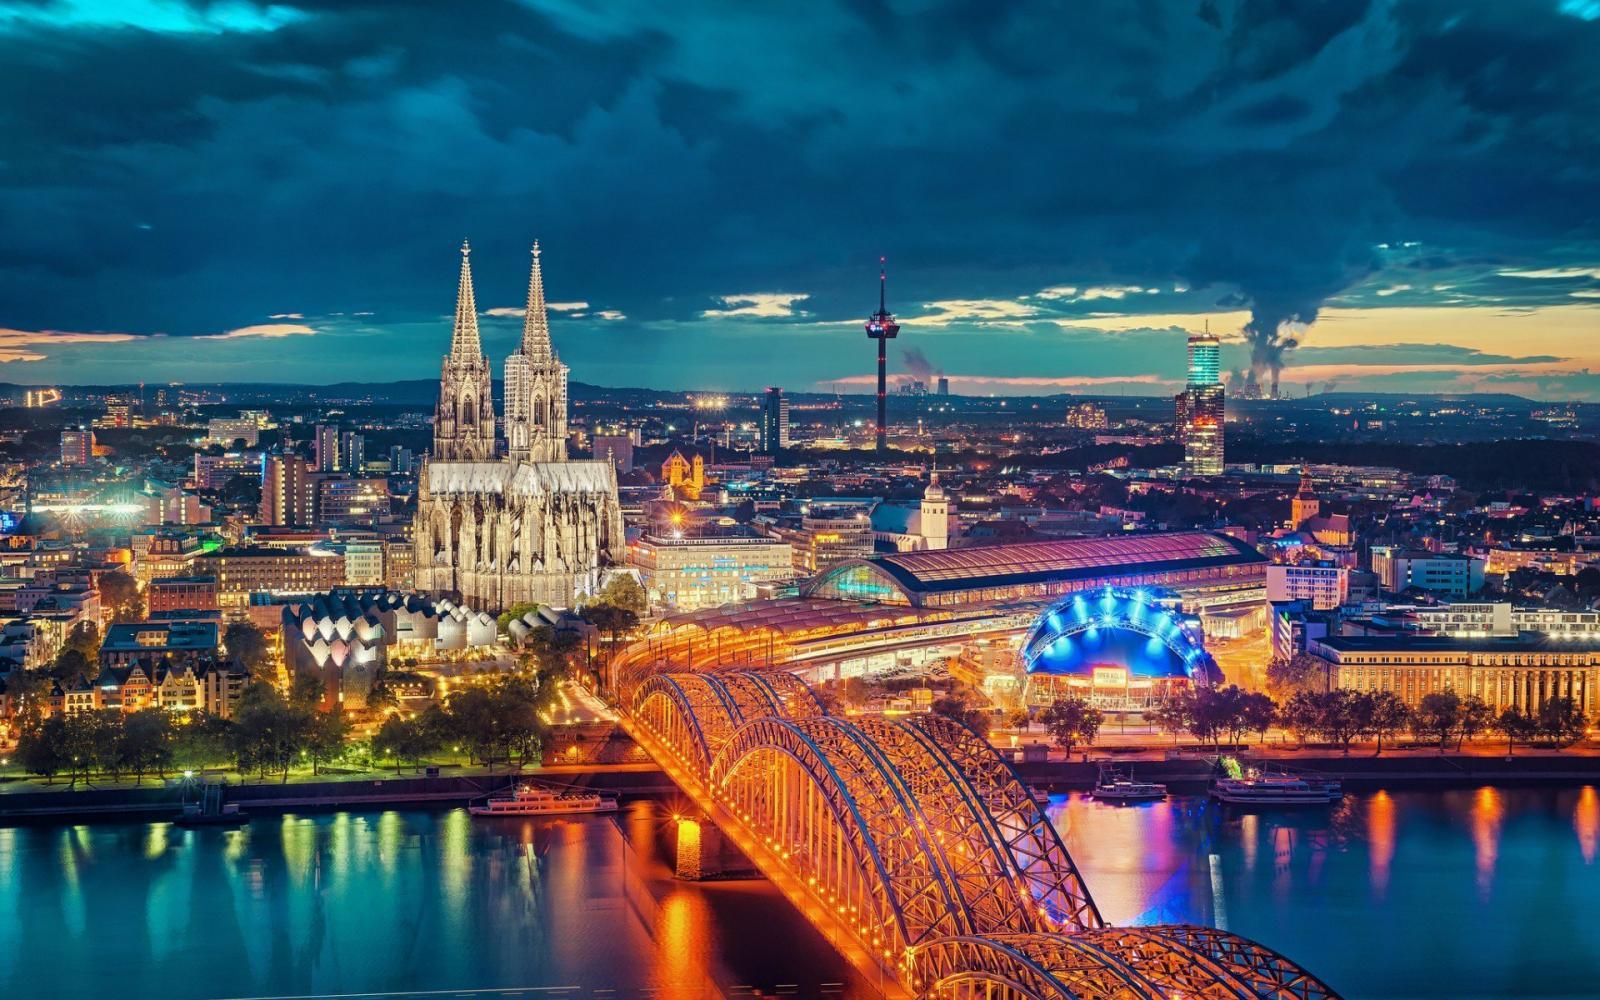 Disfruta de un espectacular Viajes a Alemania junto a tu familia